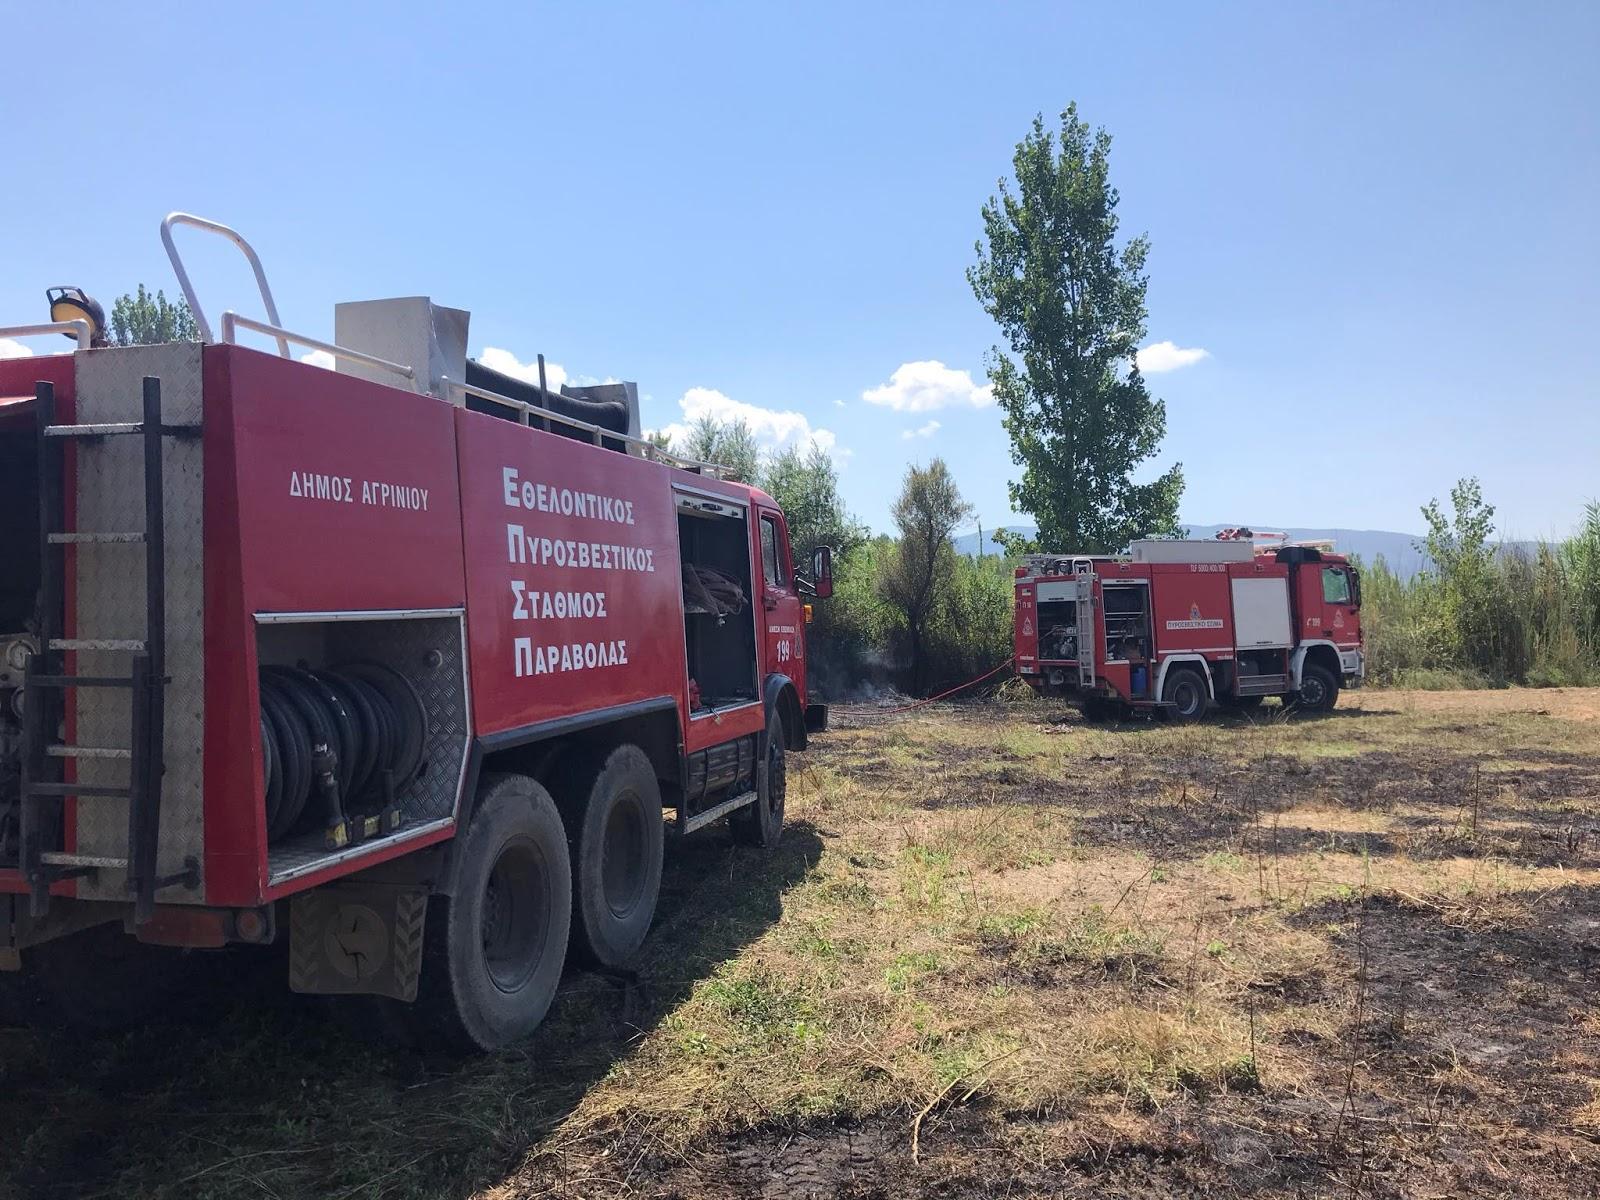 Παραμένει υψηλός ο κίνδυνος πυρκαγιάς στην Αιτωλοακαρνανία την Δευτέρα